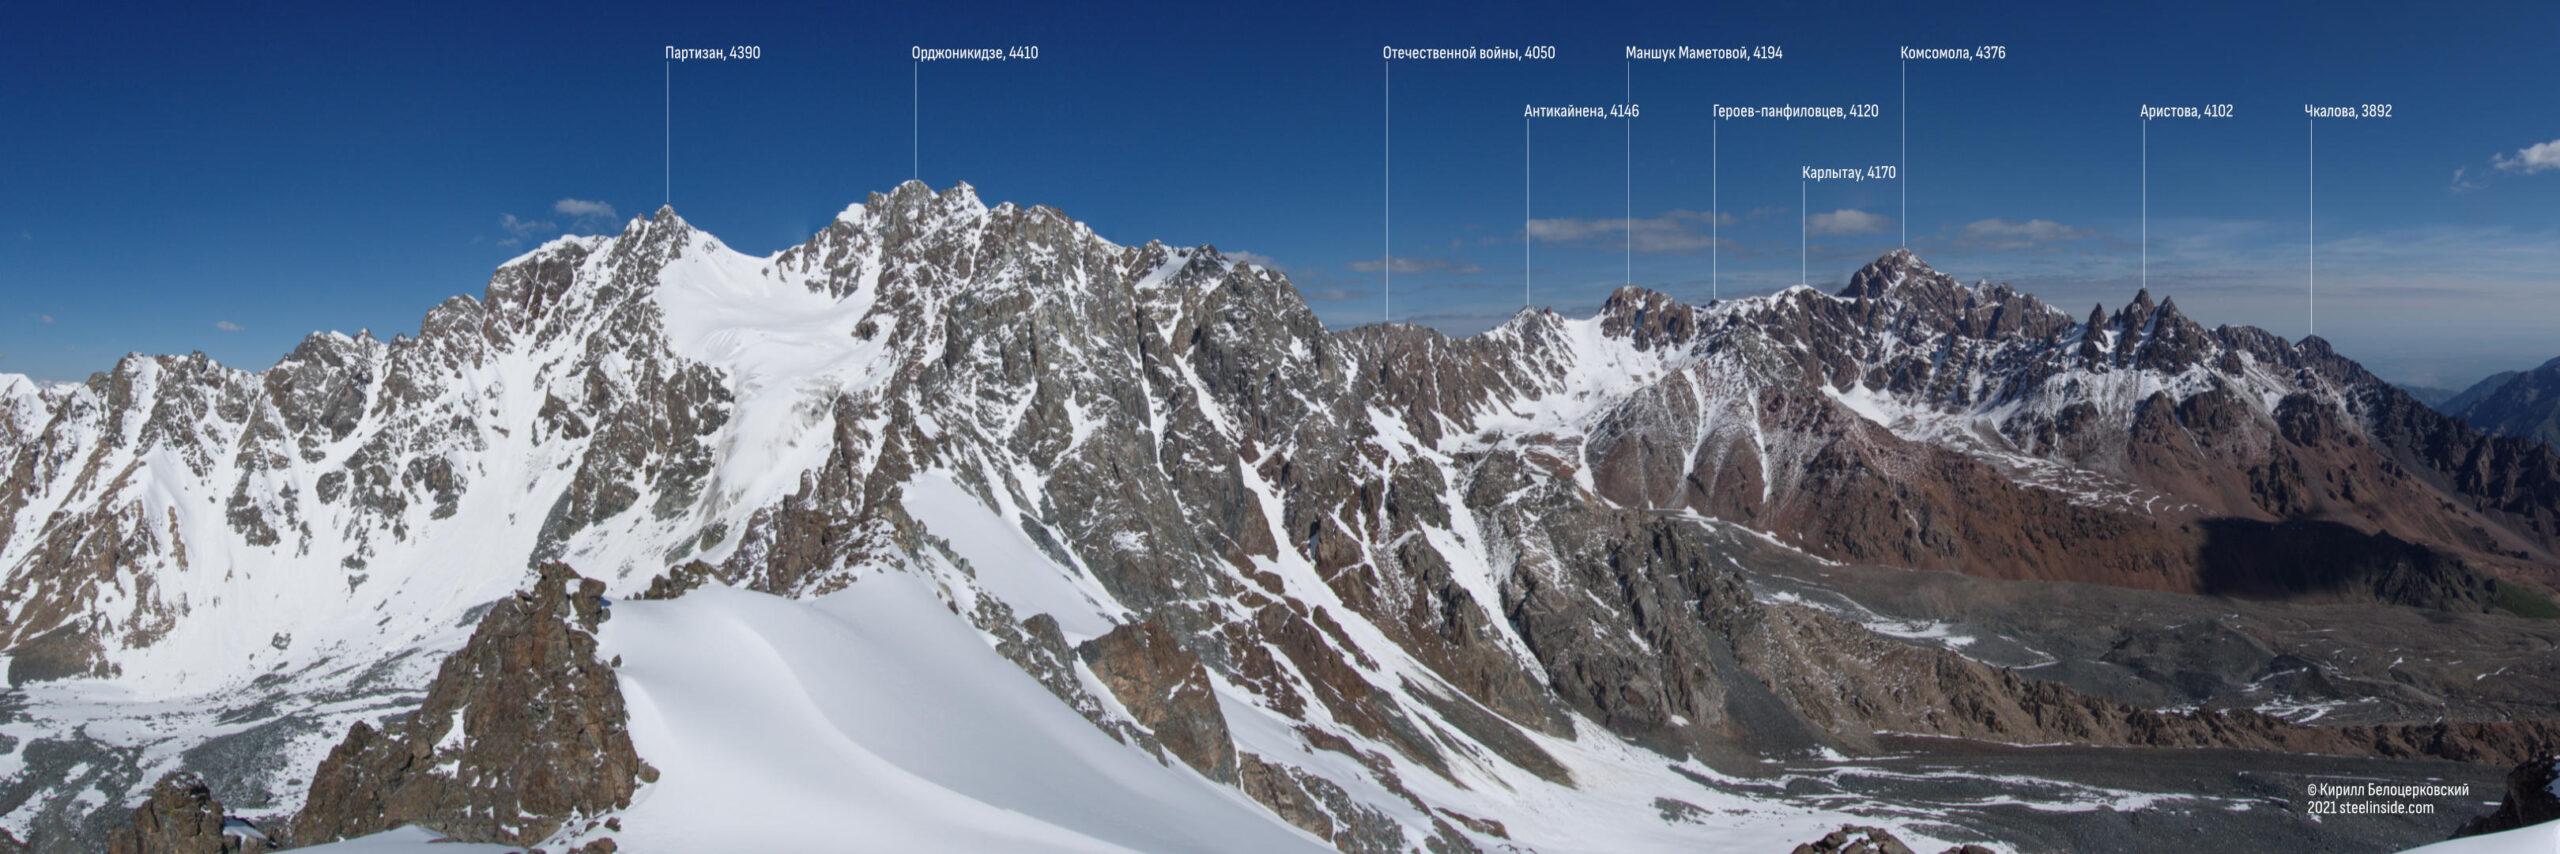 Панорама восточных и южных склонов района Туюк-Су